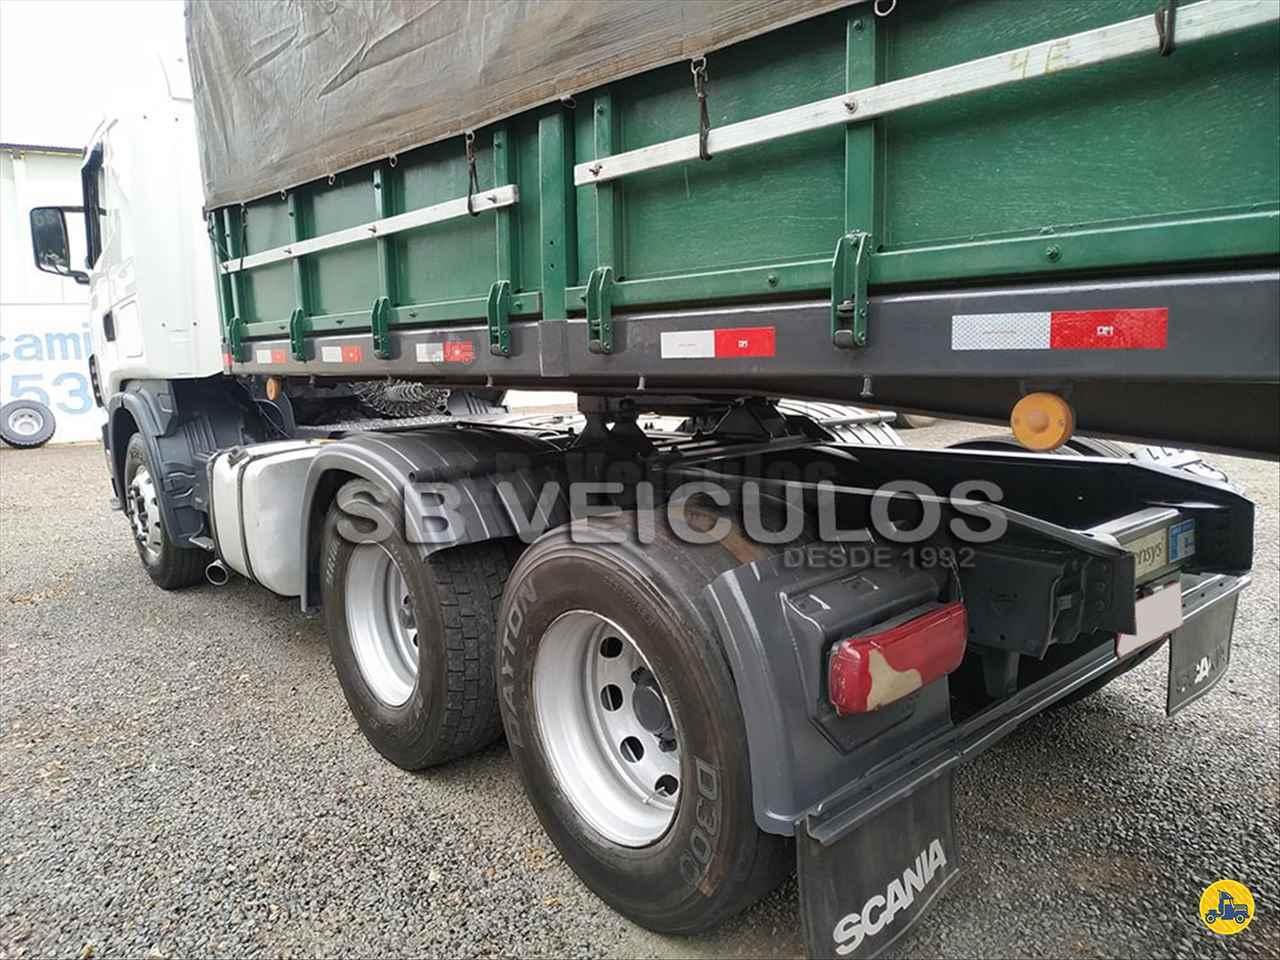 SCANIA SCANIA 124 420 640156km 2005/2005 SB Veiculos